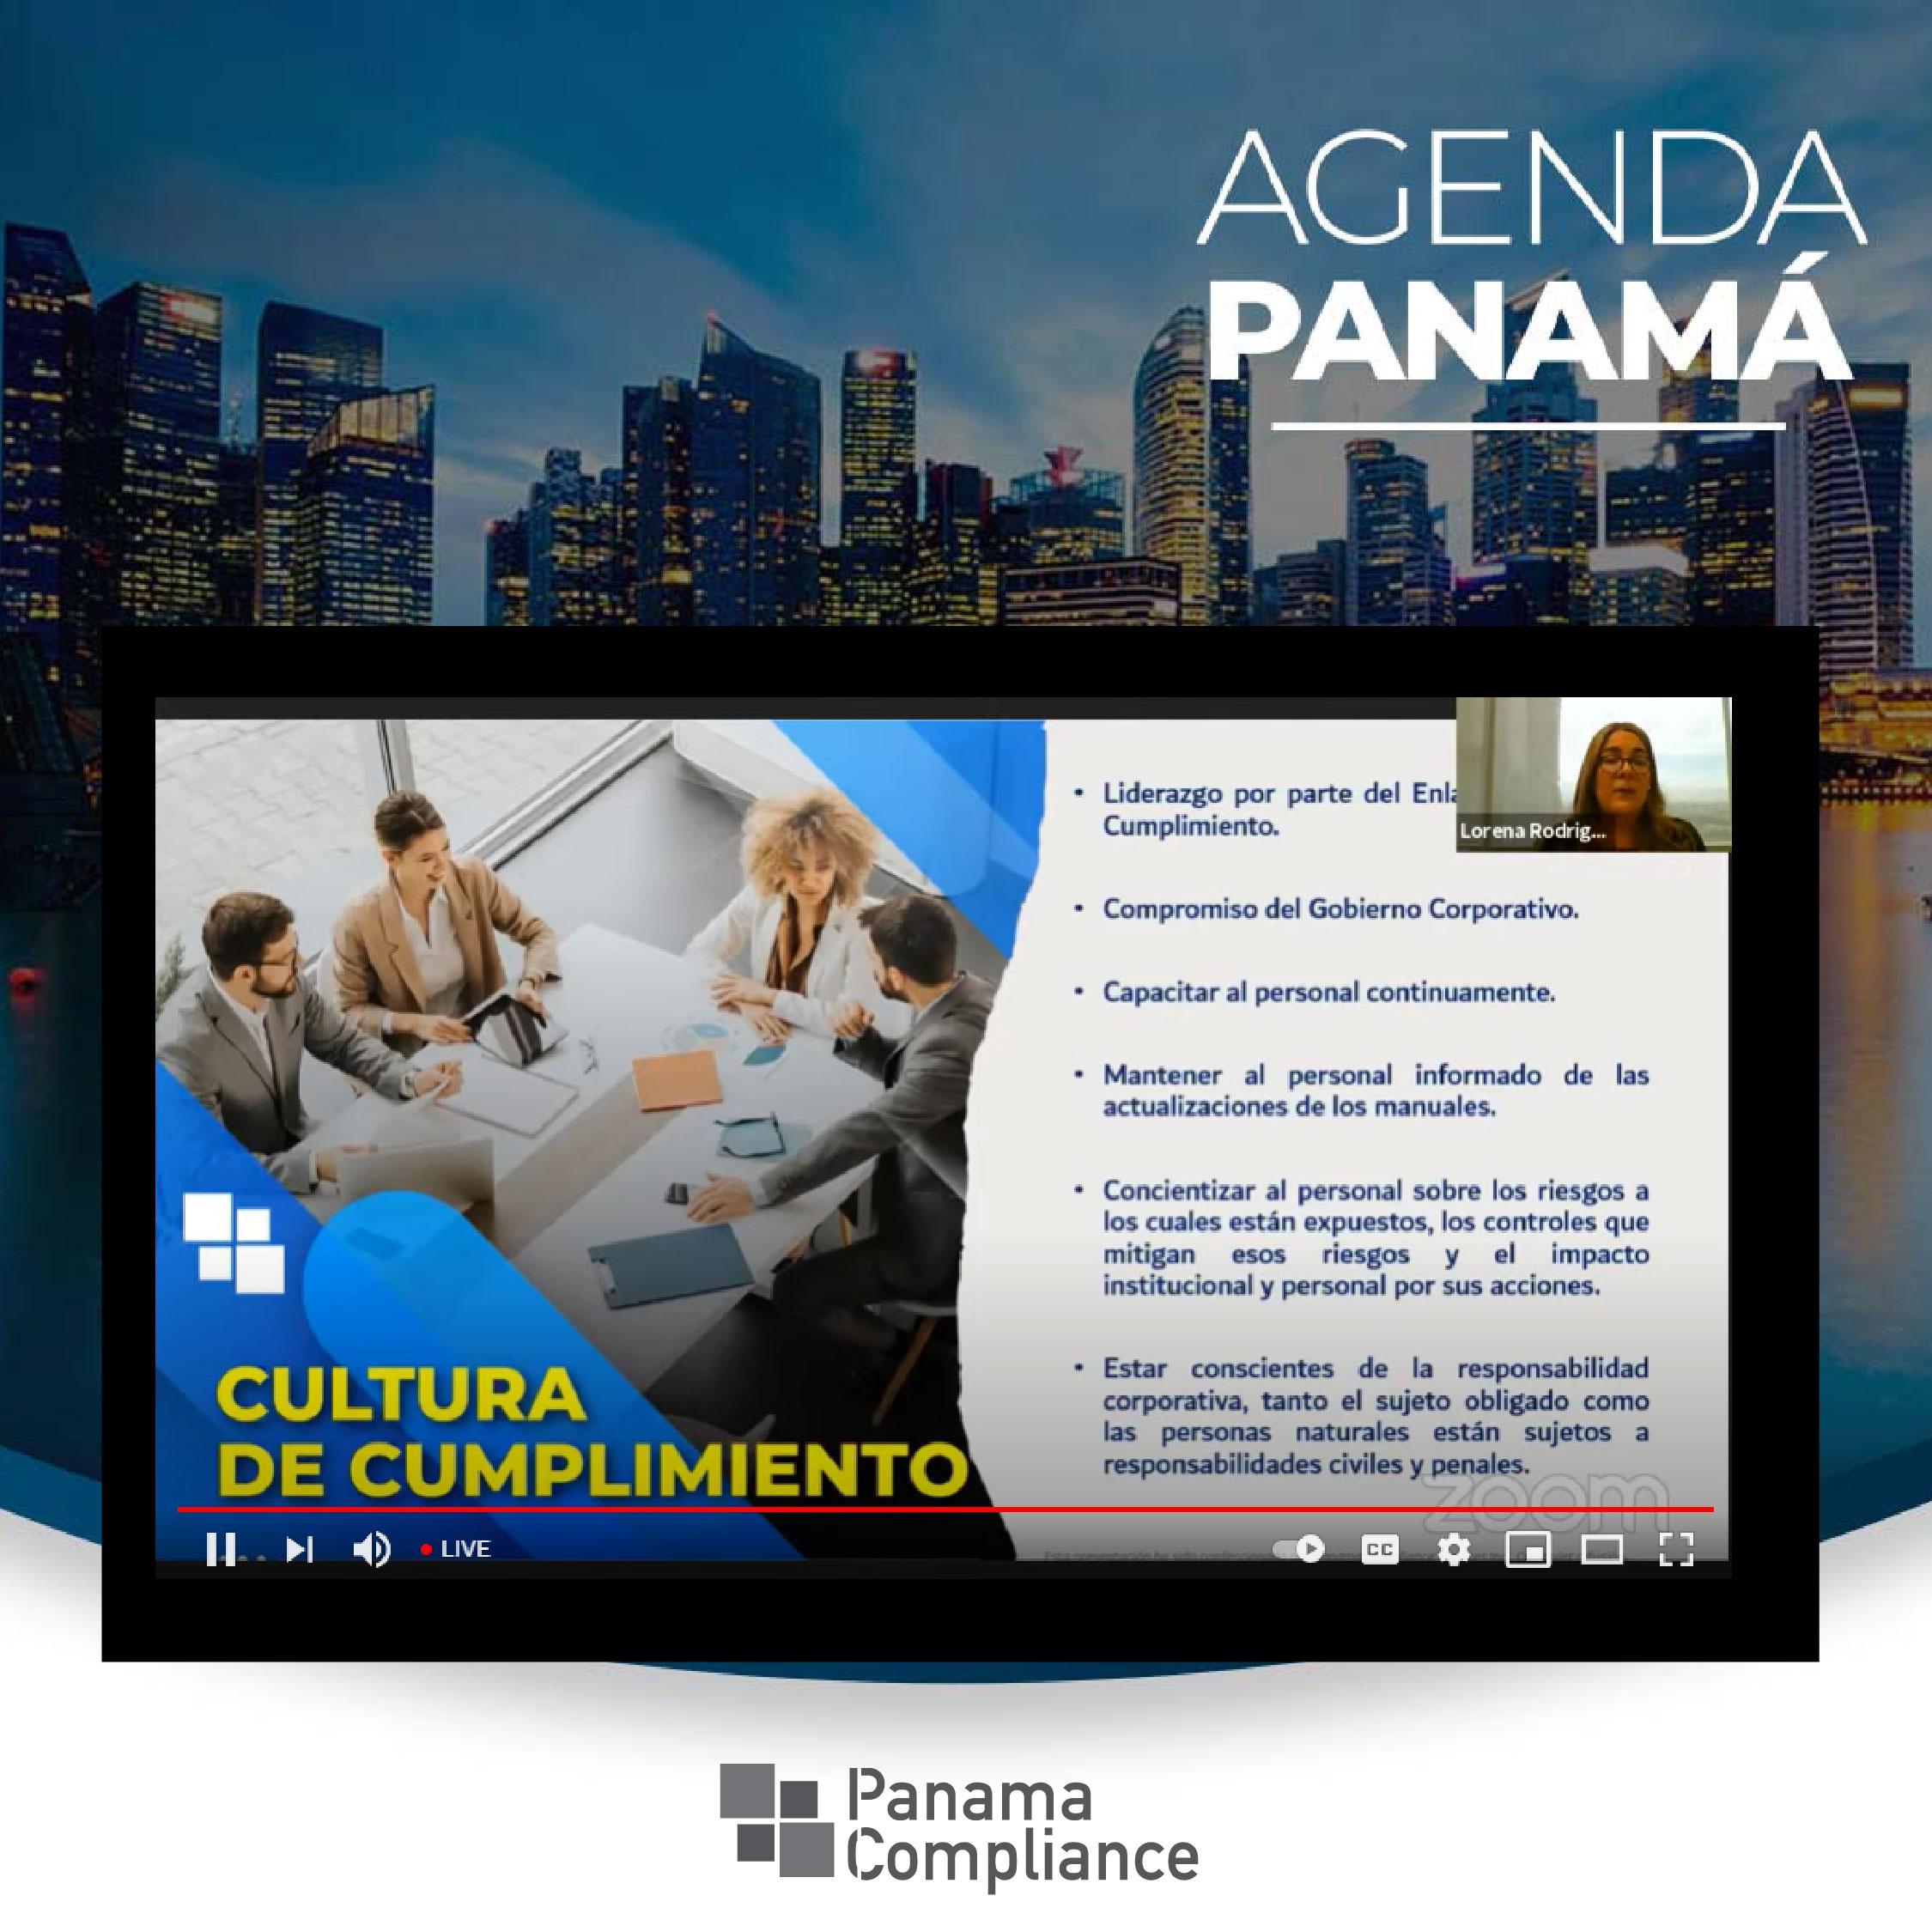 Panama Compliance participó en la conferencia virtual Agenda Panamá